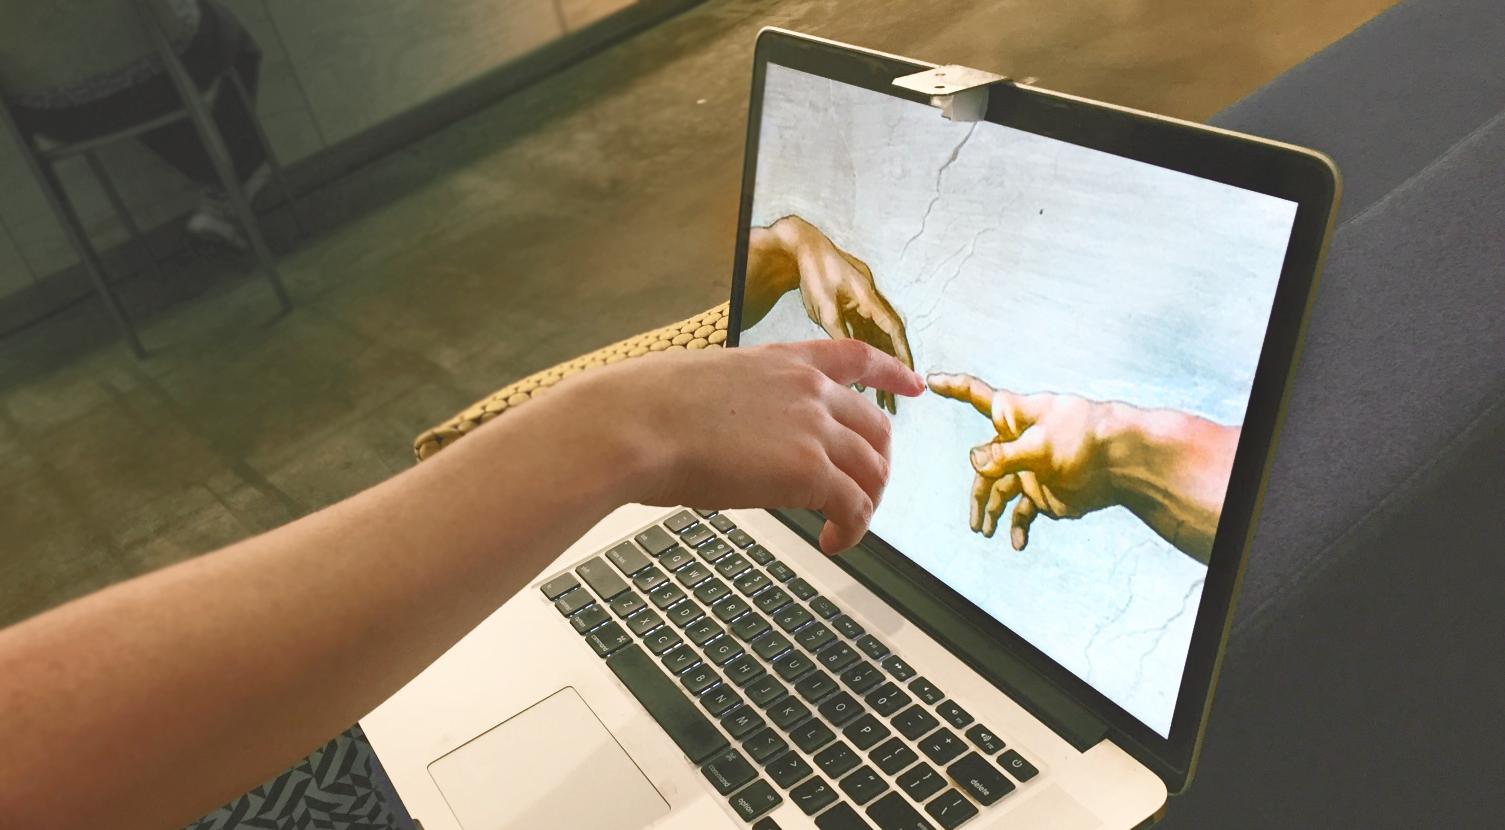 将你的 Mac 笔记本屏幕变成触摸屏 Sistine